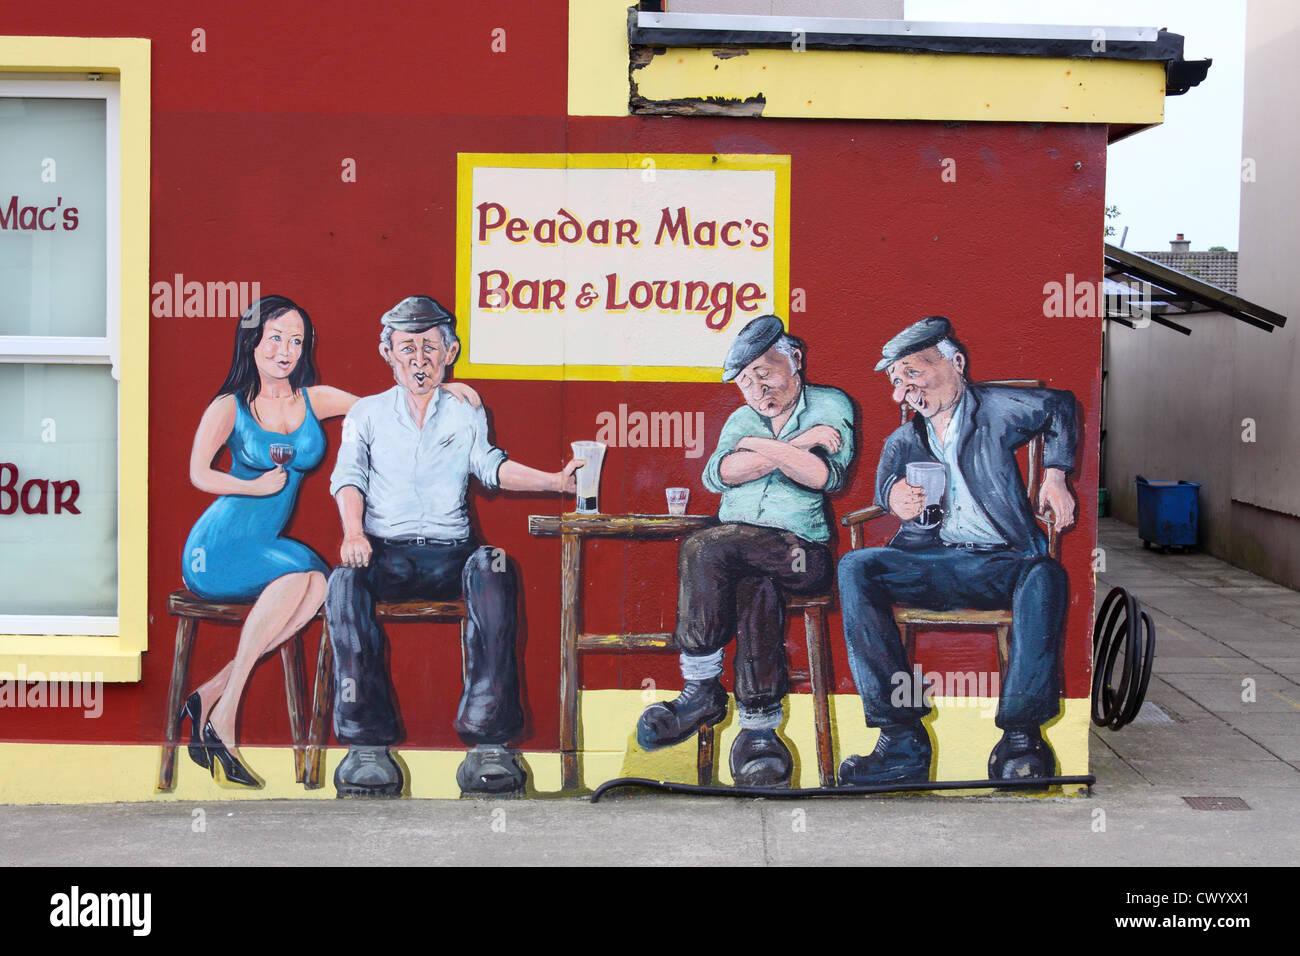 Peinture Sur Mur Pub Drole Rathmullan Comte De Donegal Irlande Photo Stock Alamy